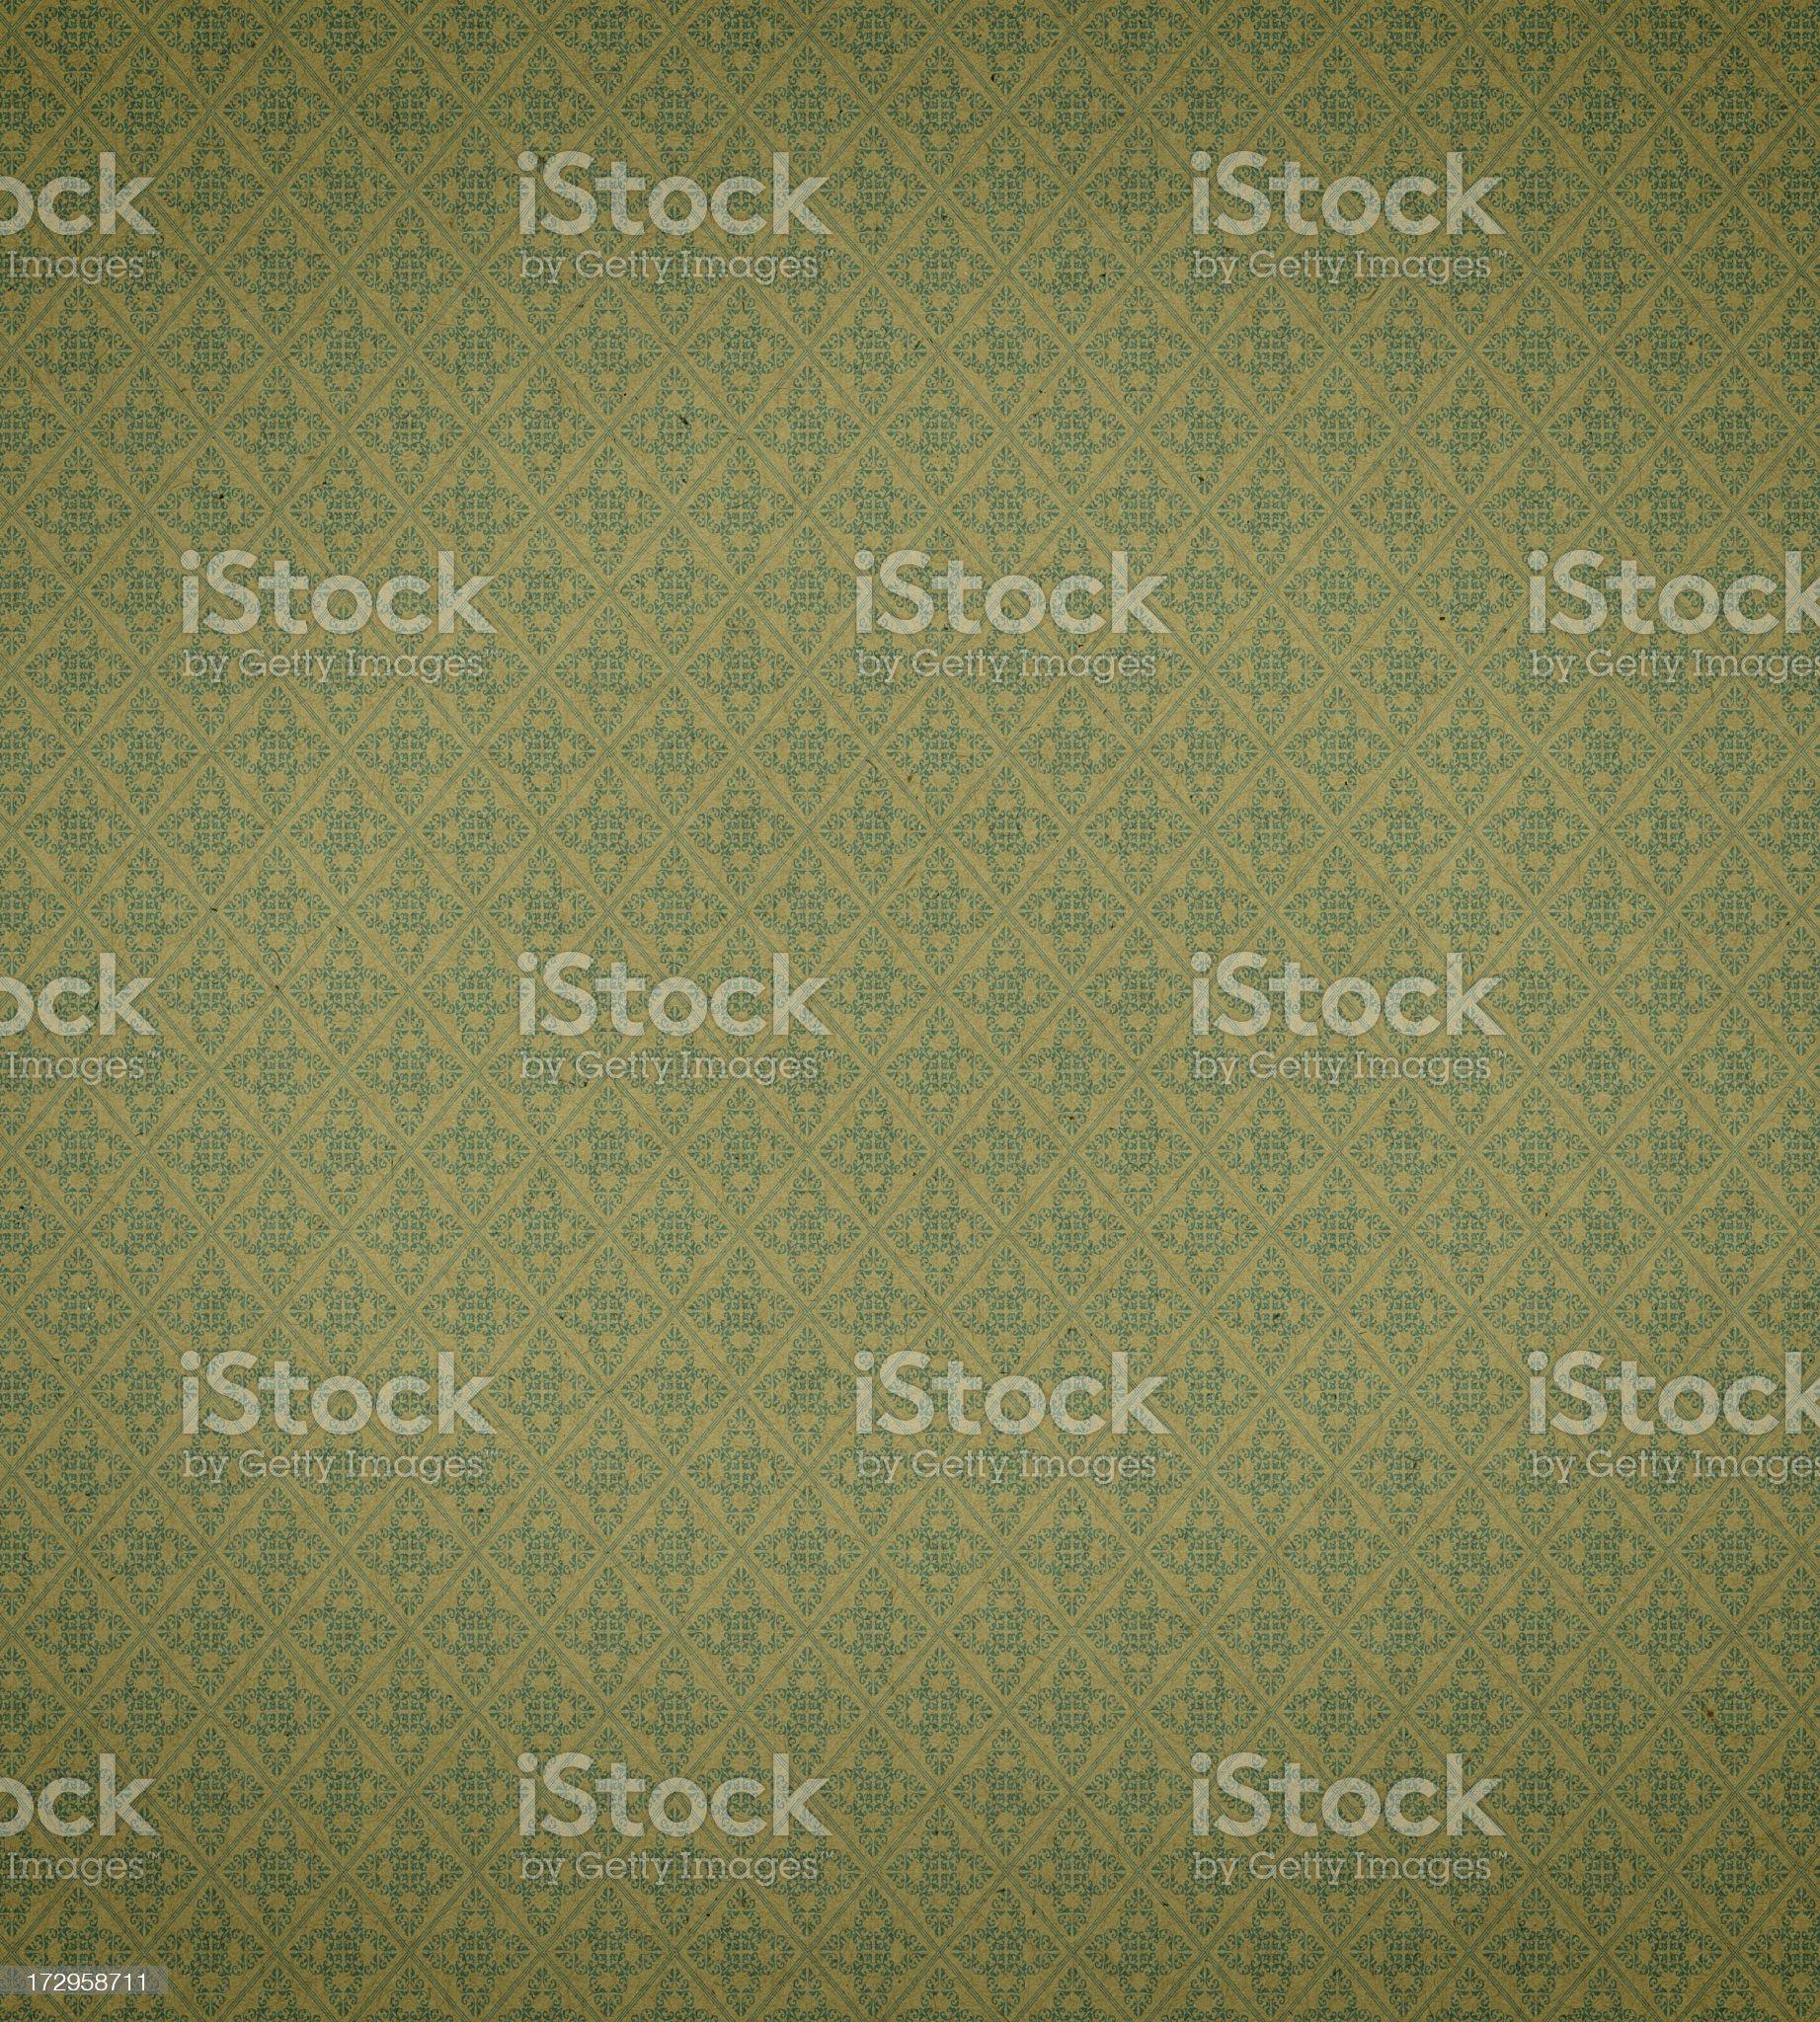 Art Nouveau wallpaper pattern royalty-free stock photo